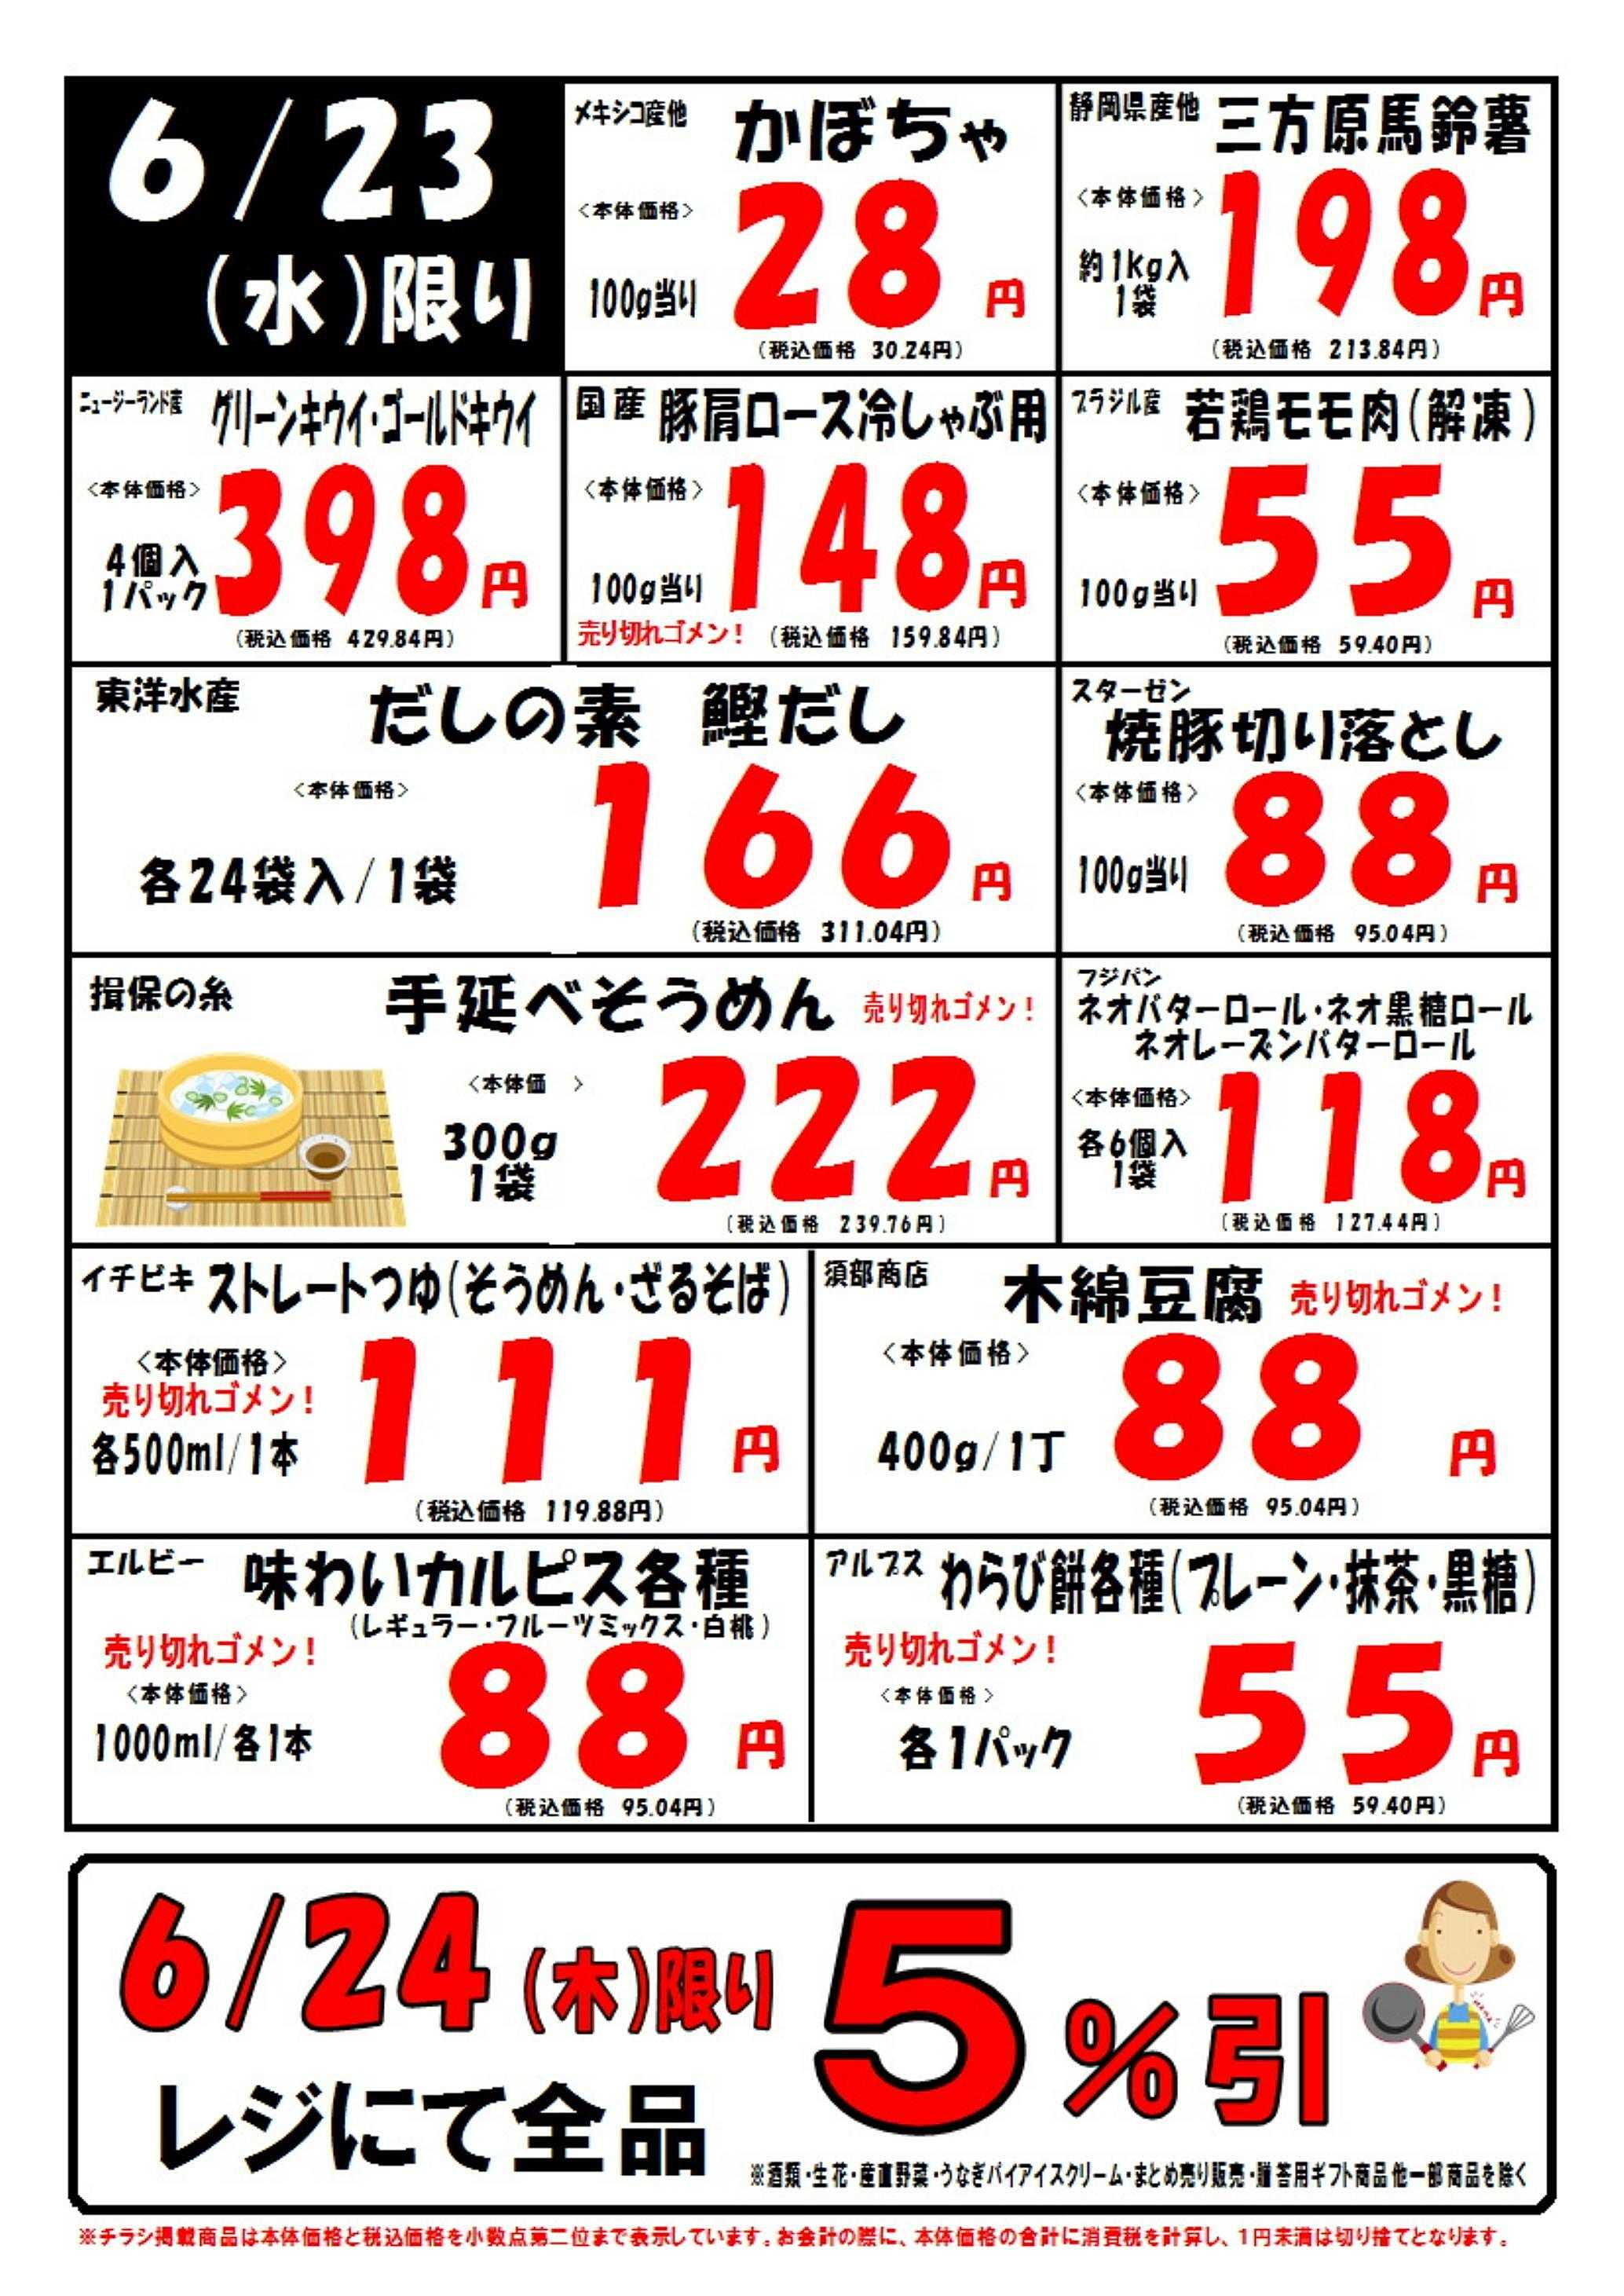 フードマーケット マム 冨塚店 日替り特価市うら